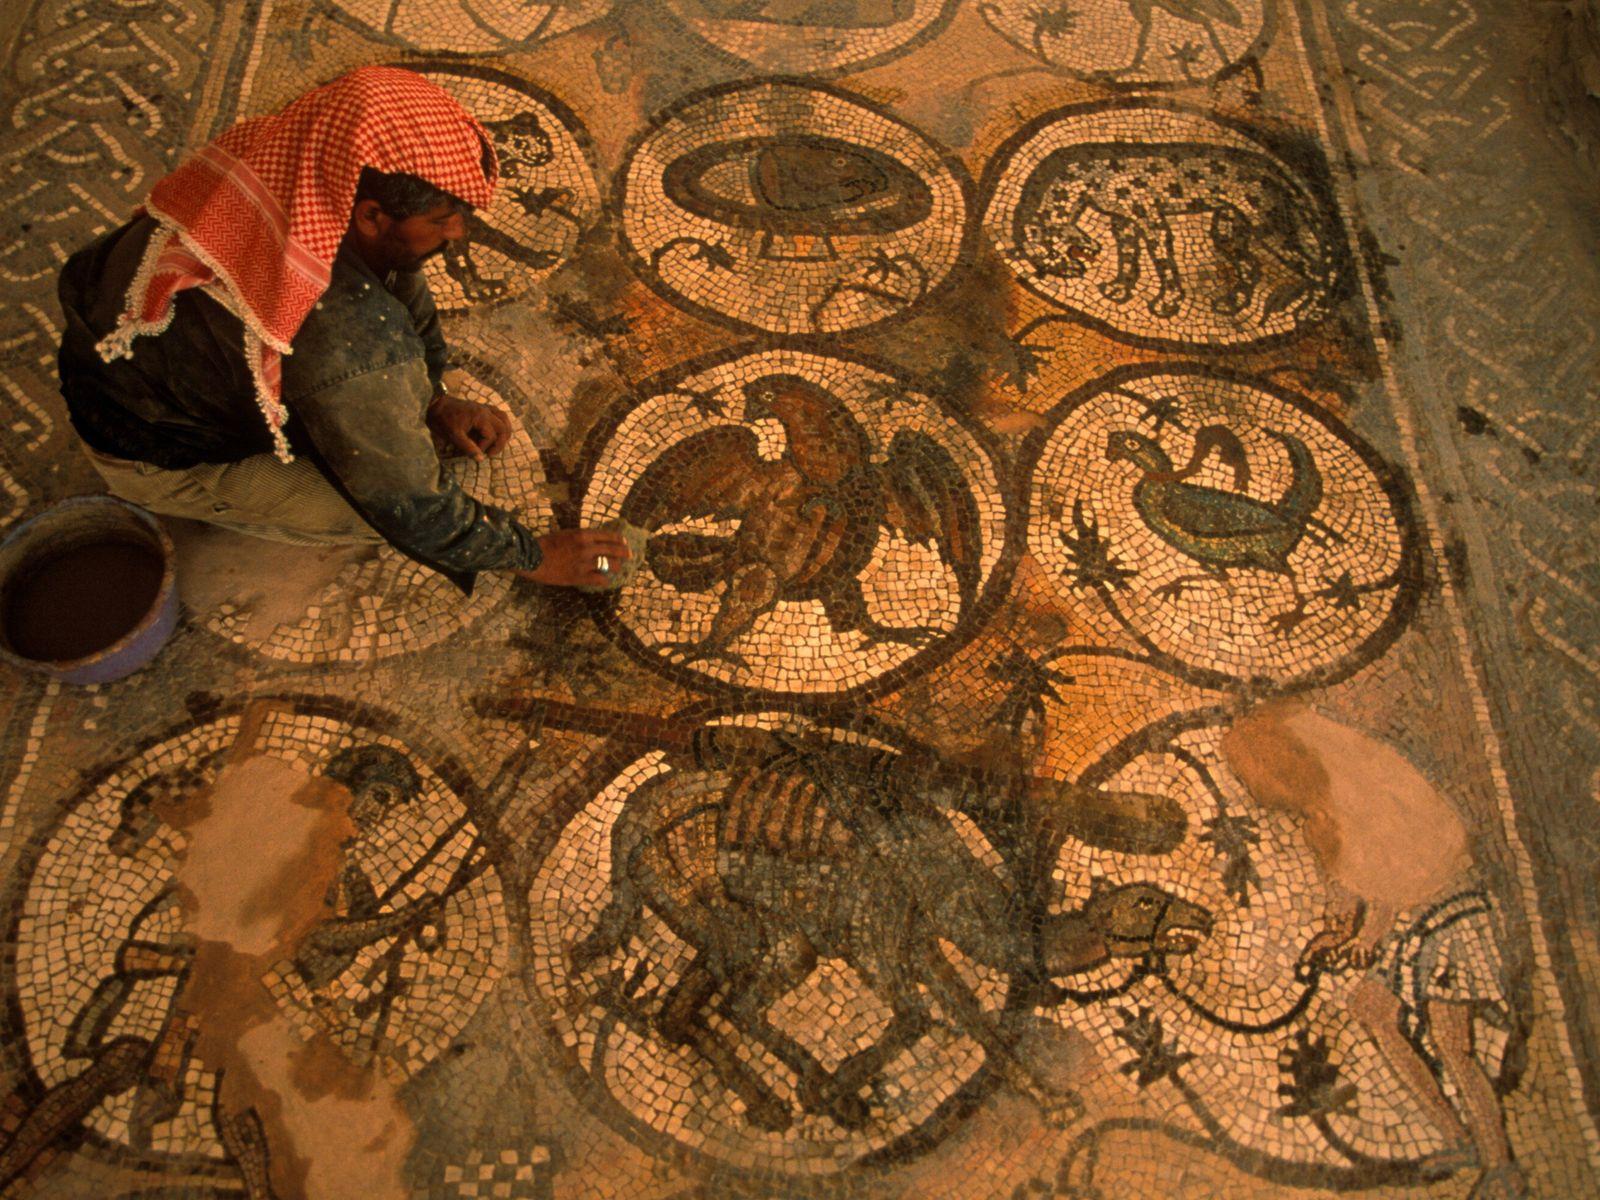 Imagem aérea examina um mosaico romano